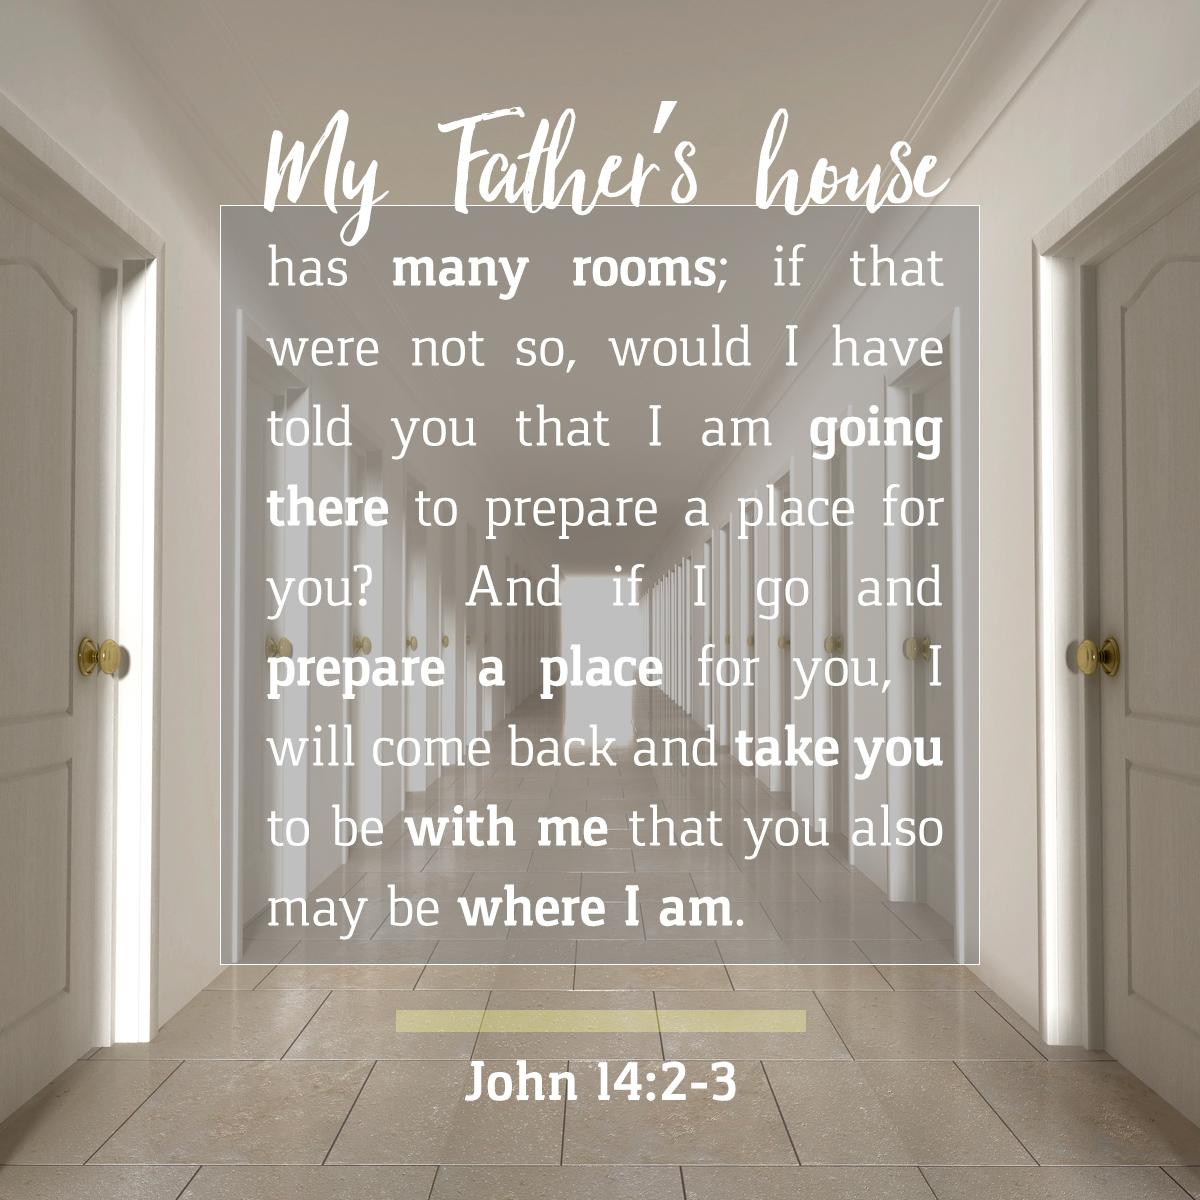 John 14:2-3